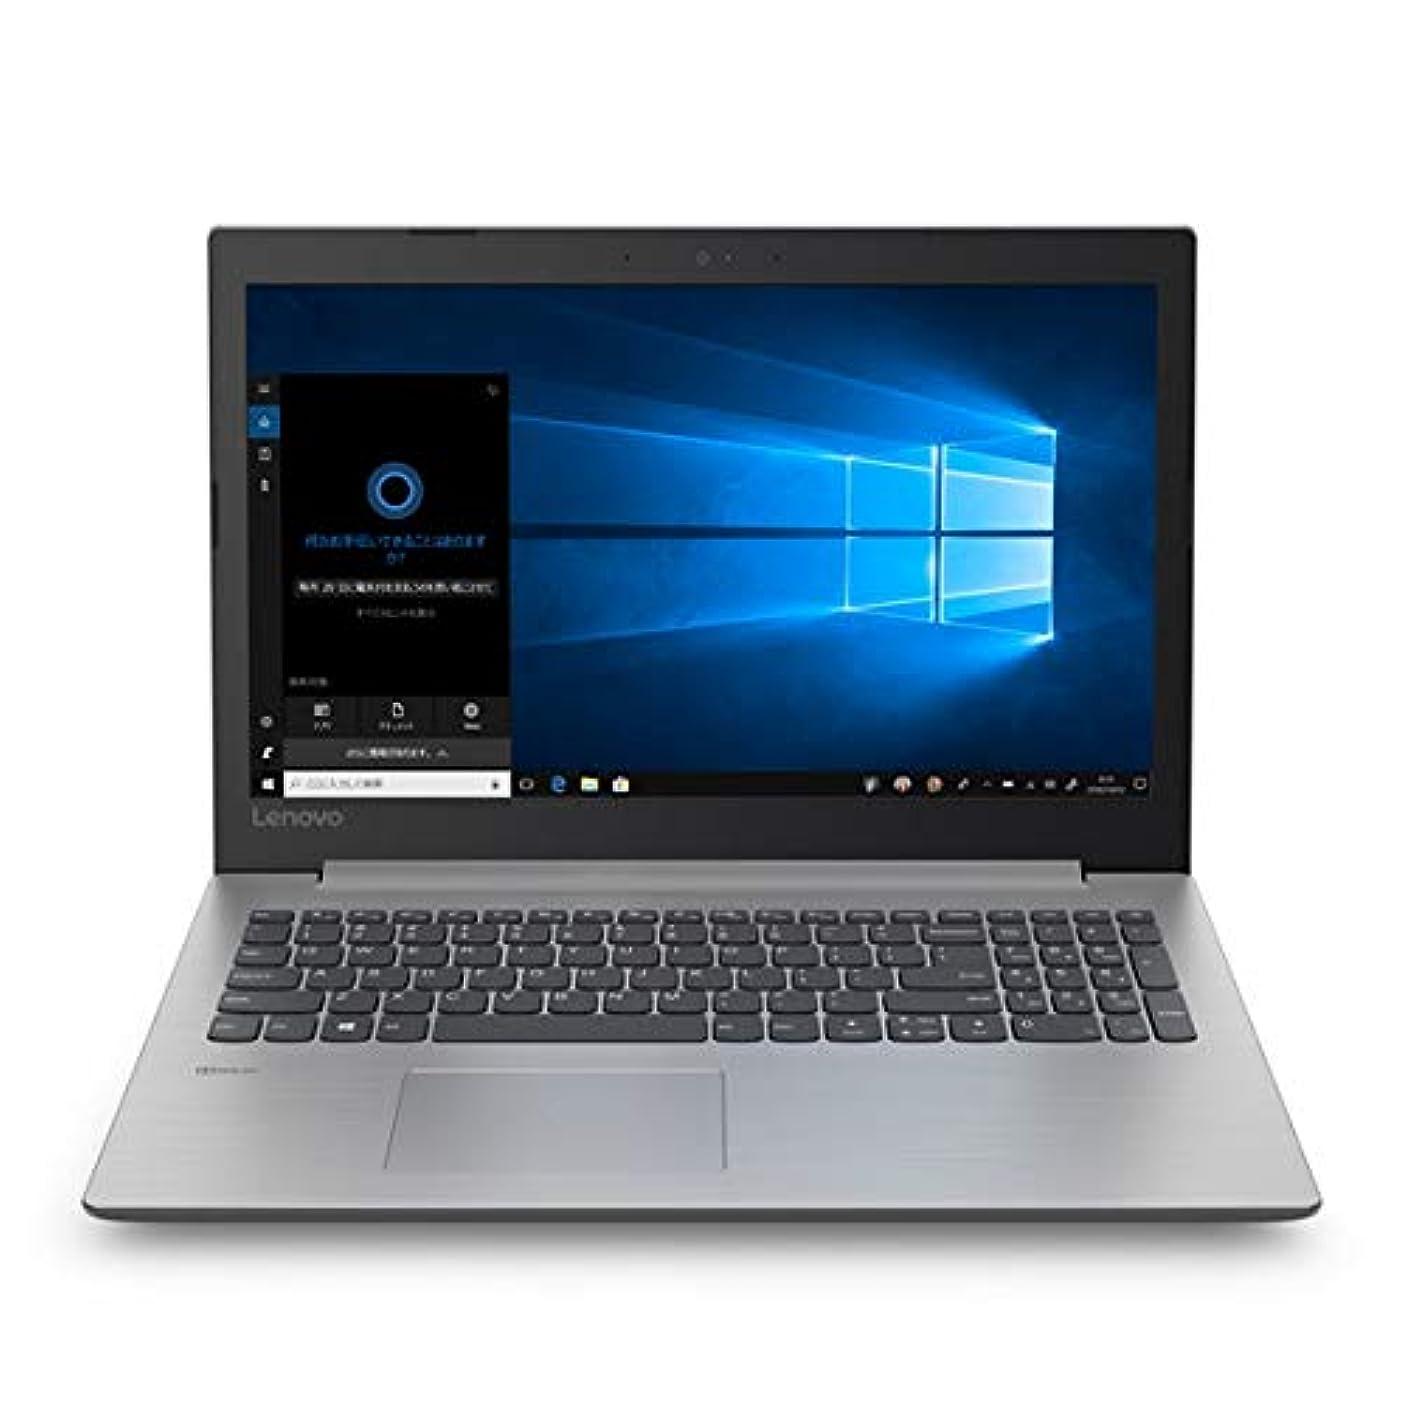 十分飼いならす間に合わせレノボジャパン Lenovo ノートPC ideapad 330 i3 81DC0150JP プラチナグレー [Core i3?15.6インチ?Office付き?HDD 1TB?メモリ 4GB]